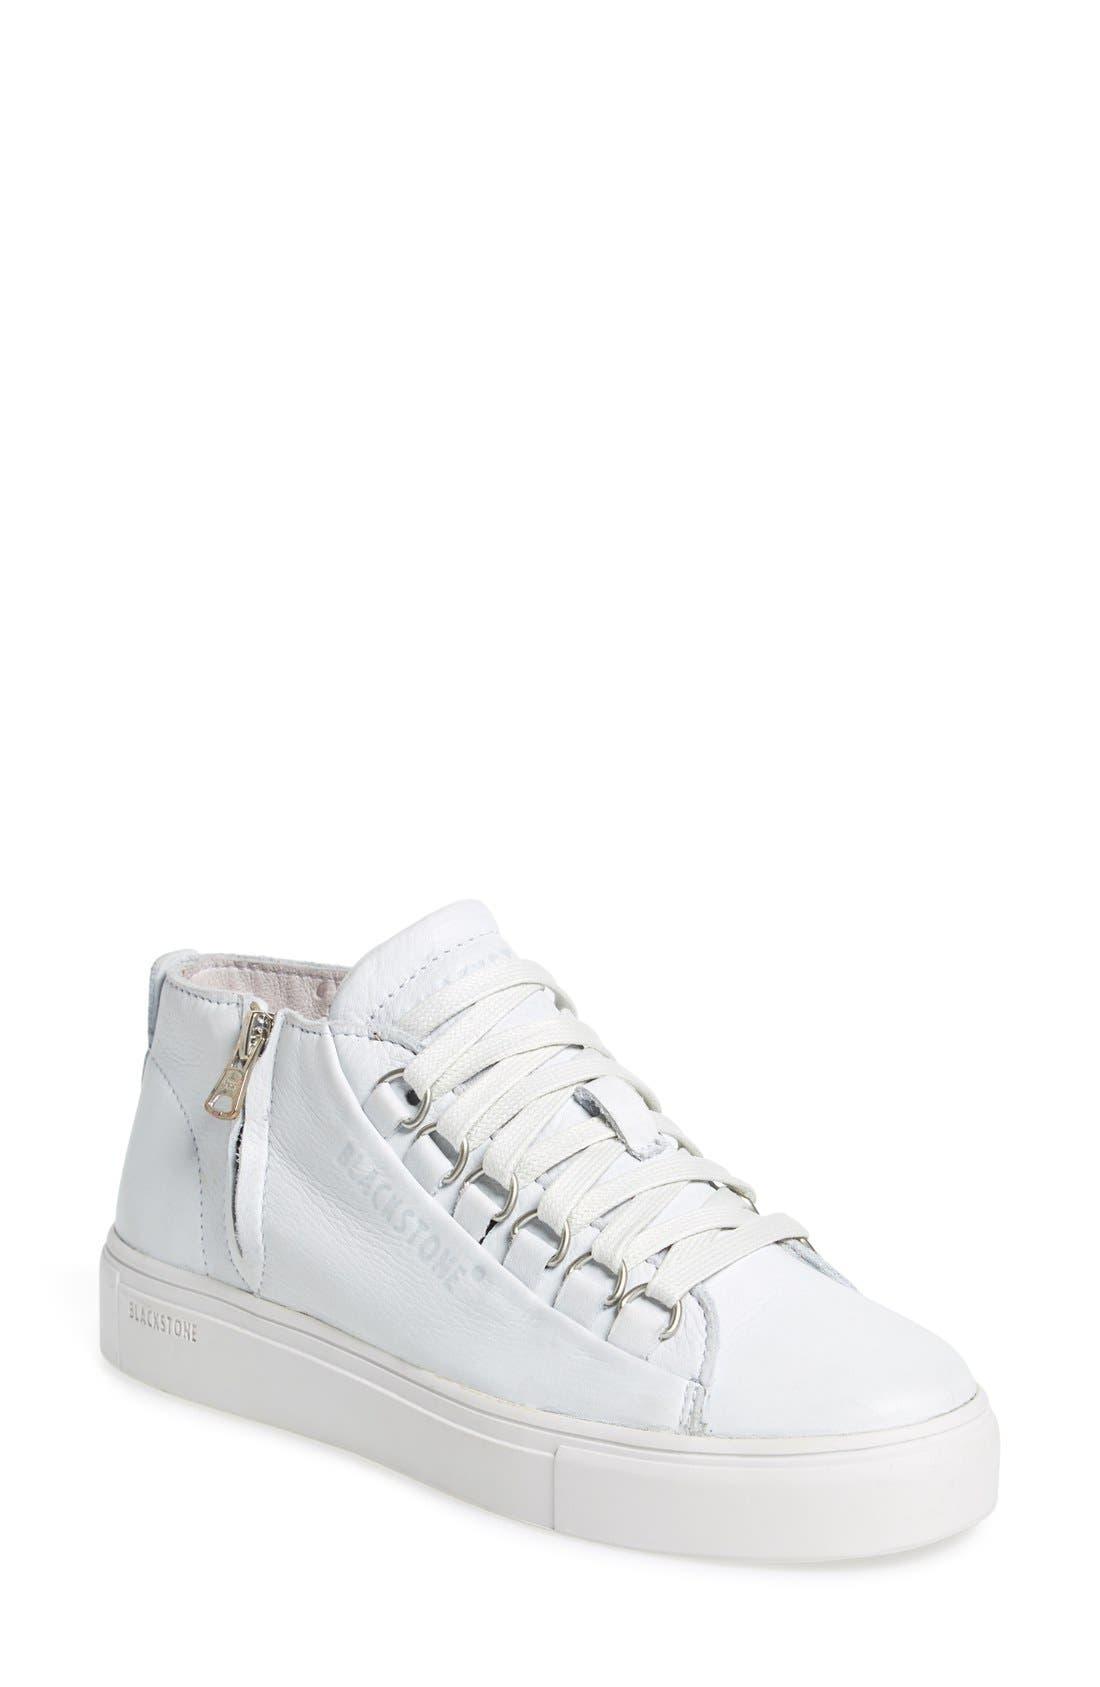 BLACKSTONE 'LL60' Midi Sneaker, Main, color, WHITE LEATHER